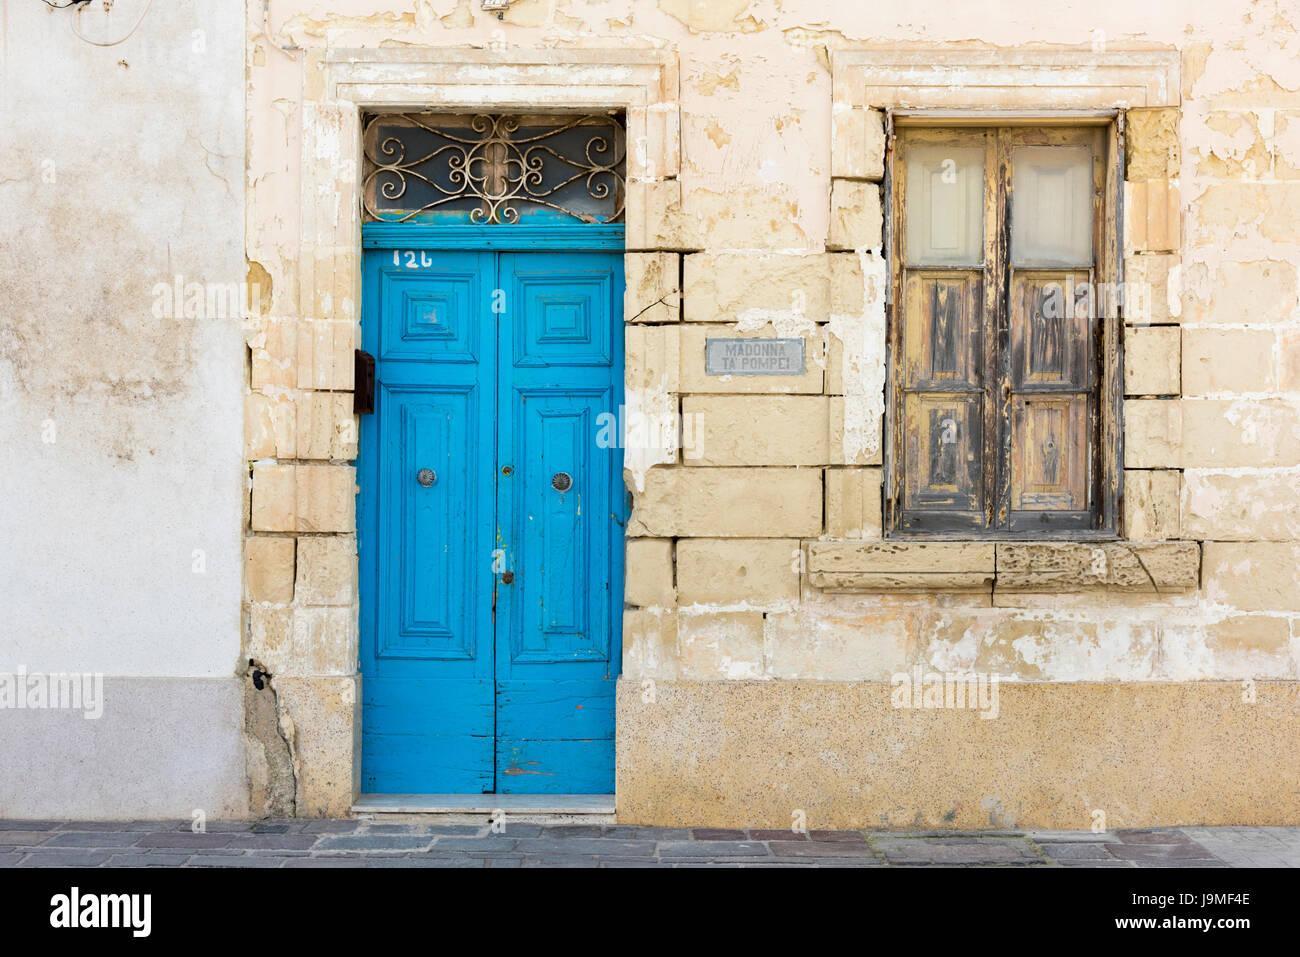 Un dipinto luminosamente porta blu su un vecchio edificio in pietra nelle malat Immagini Stock